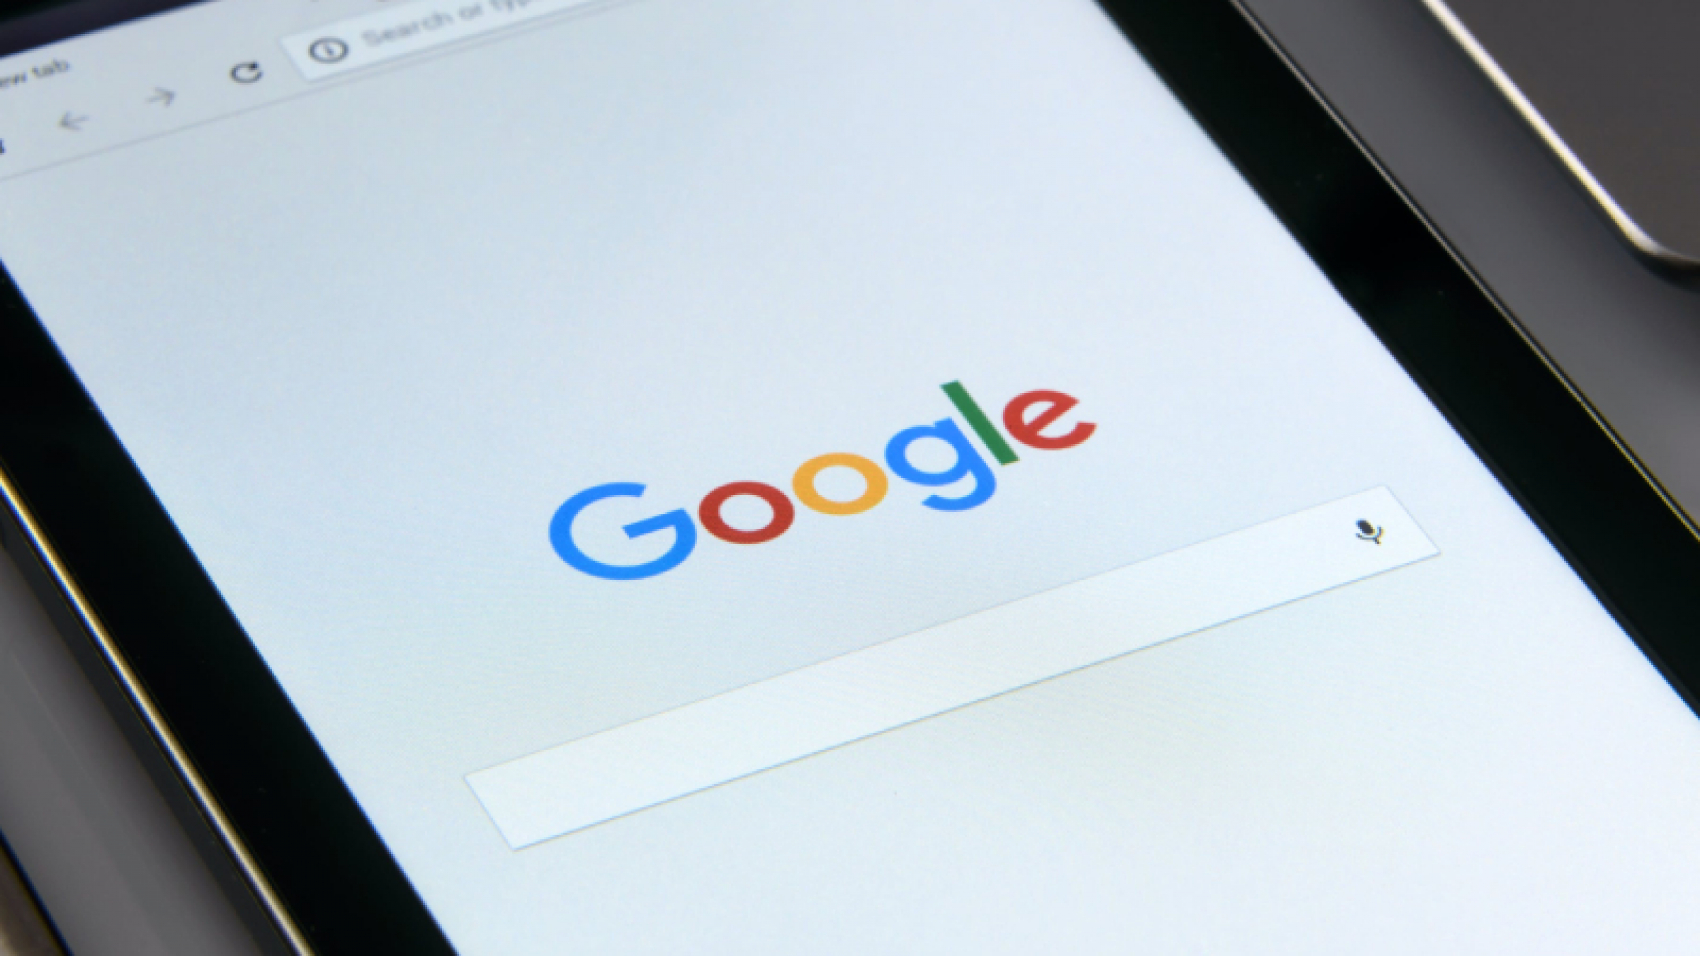 Справка Google расскажет, как удалить веб-результаты из поисковой выдачи